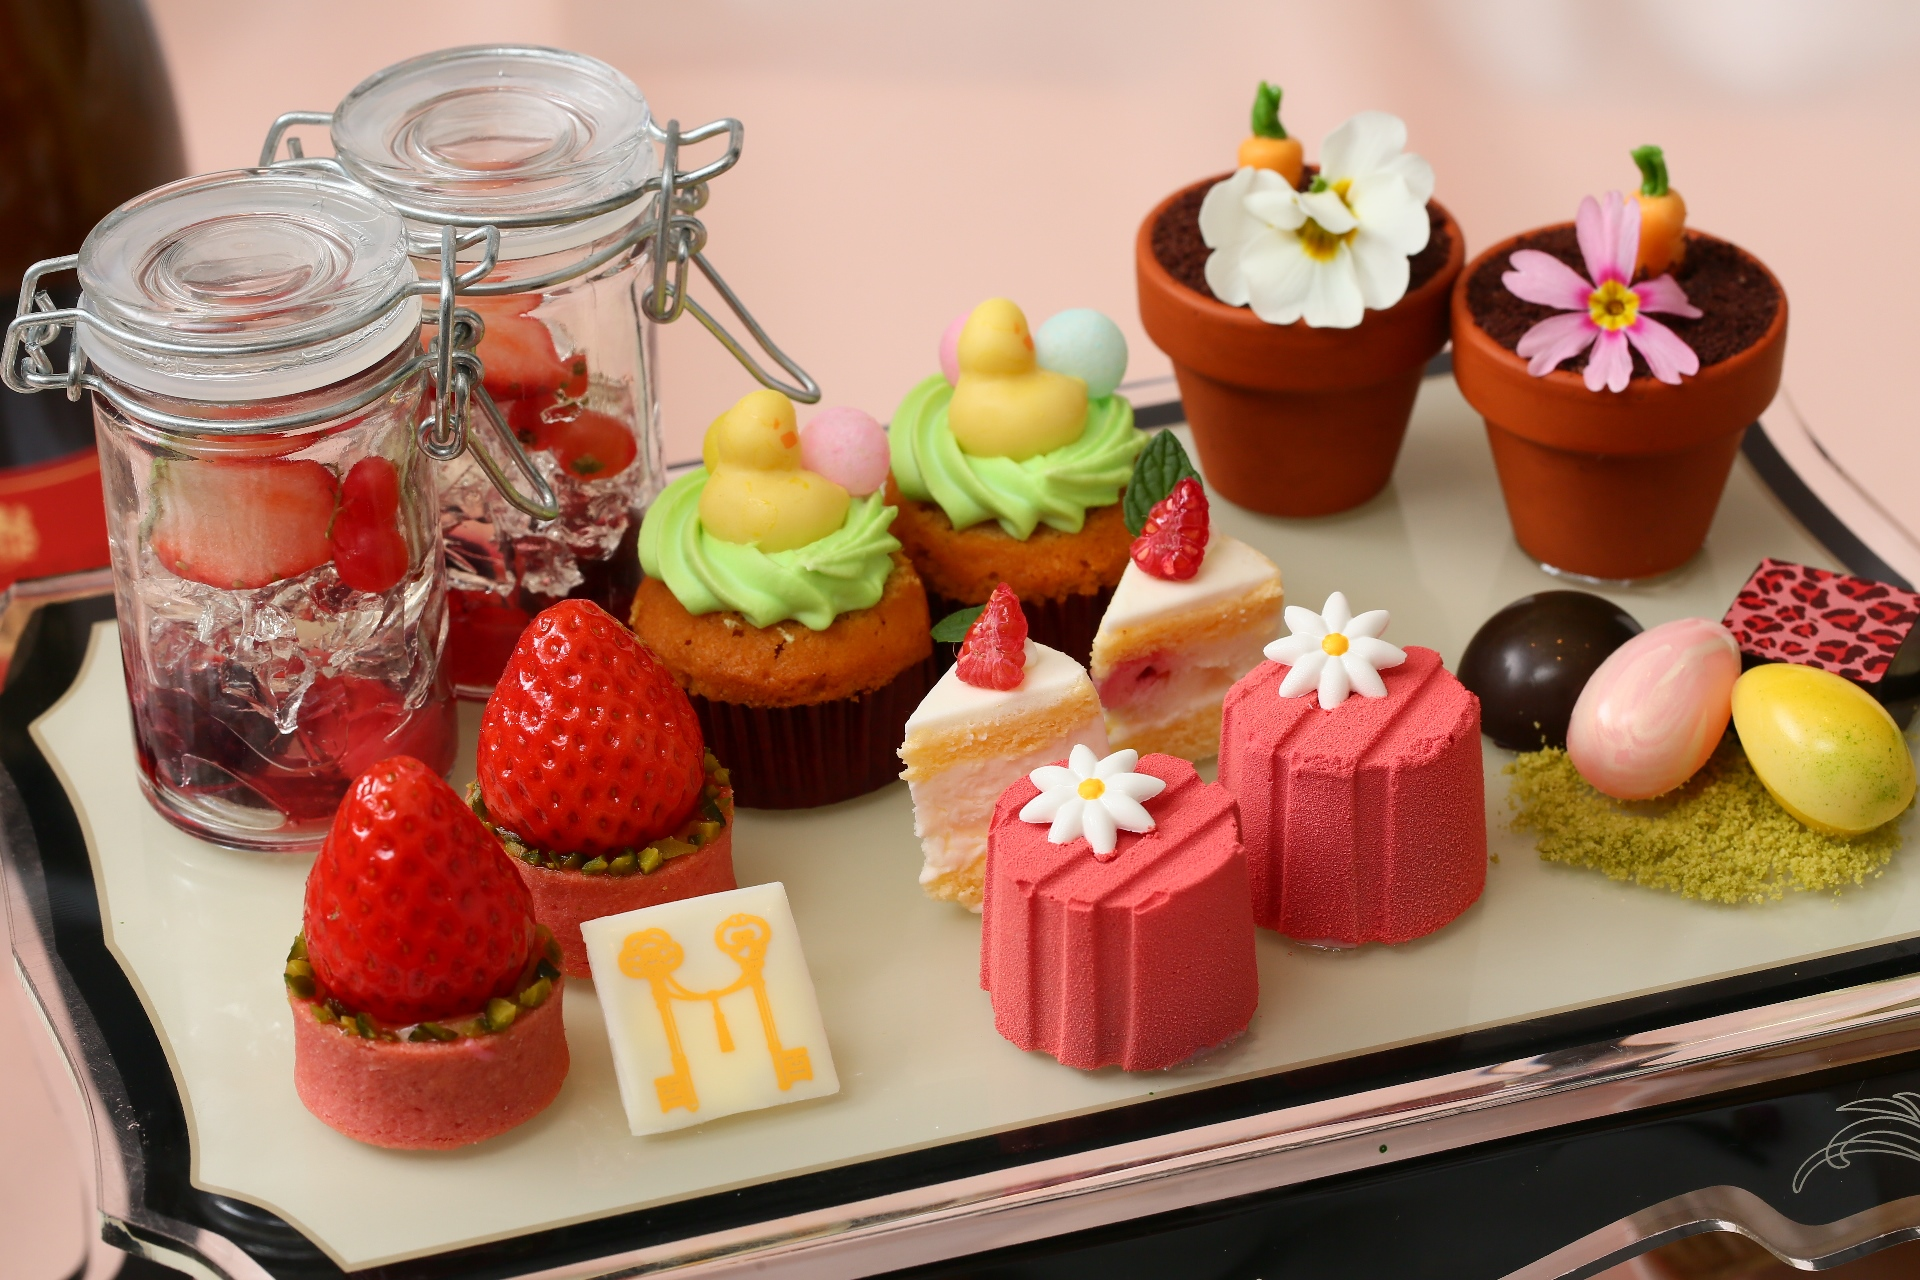 イチゴをふんだんに使ったアフタヌーンティー開催中!テーマは春の祭典『イースター』 - sub3 1